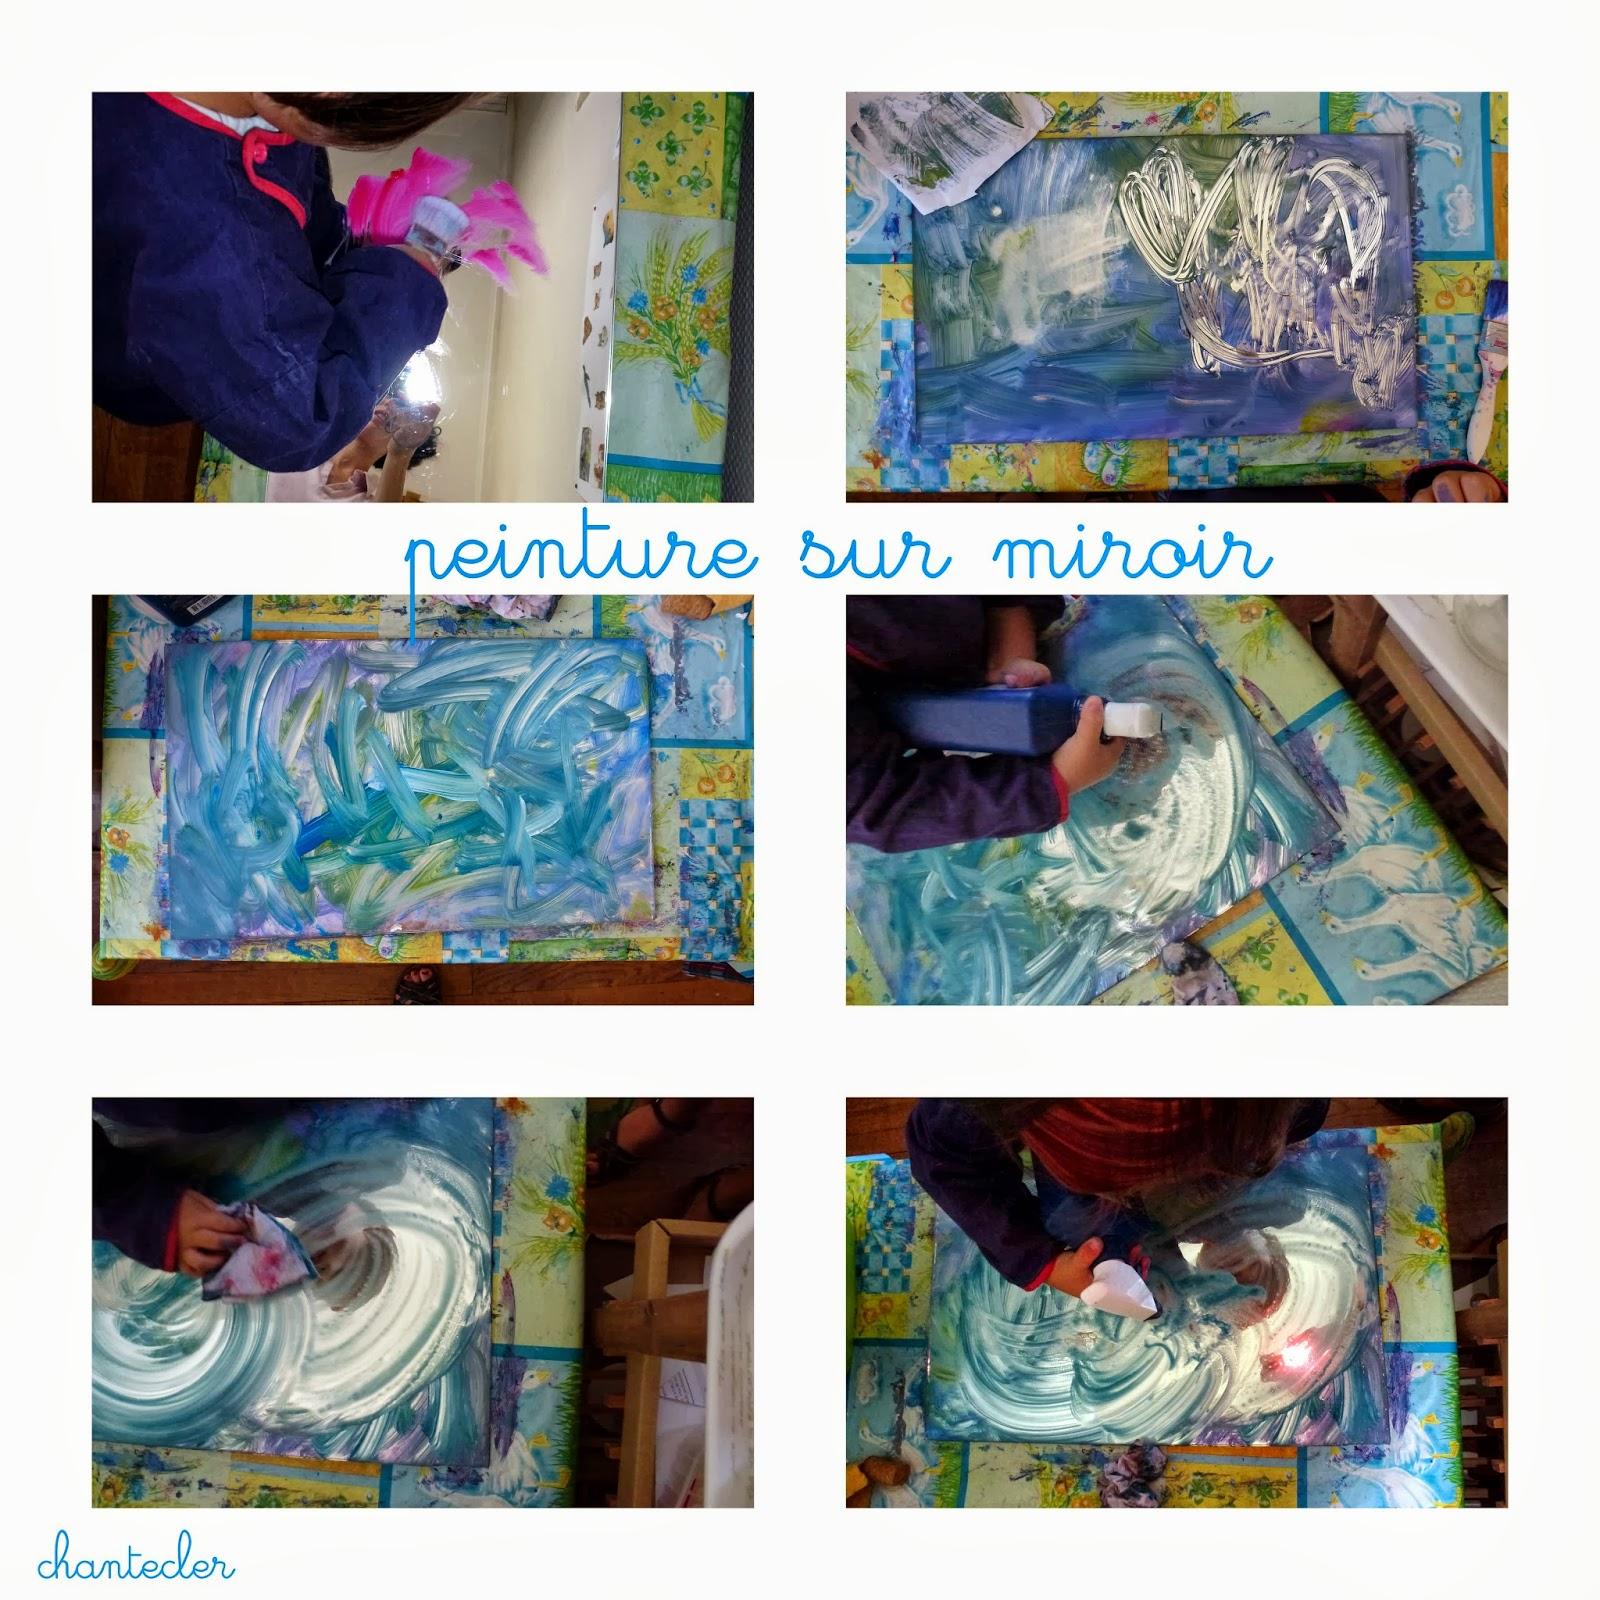 chantecler apprendre dans la joie peinture sur miroir. Black Bedroom Furniture Sets. Home Design Ideas